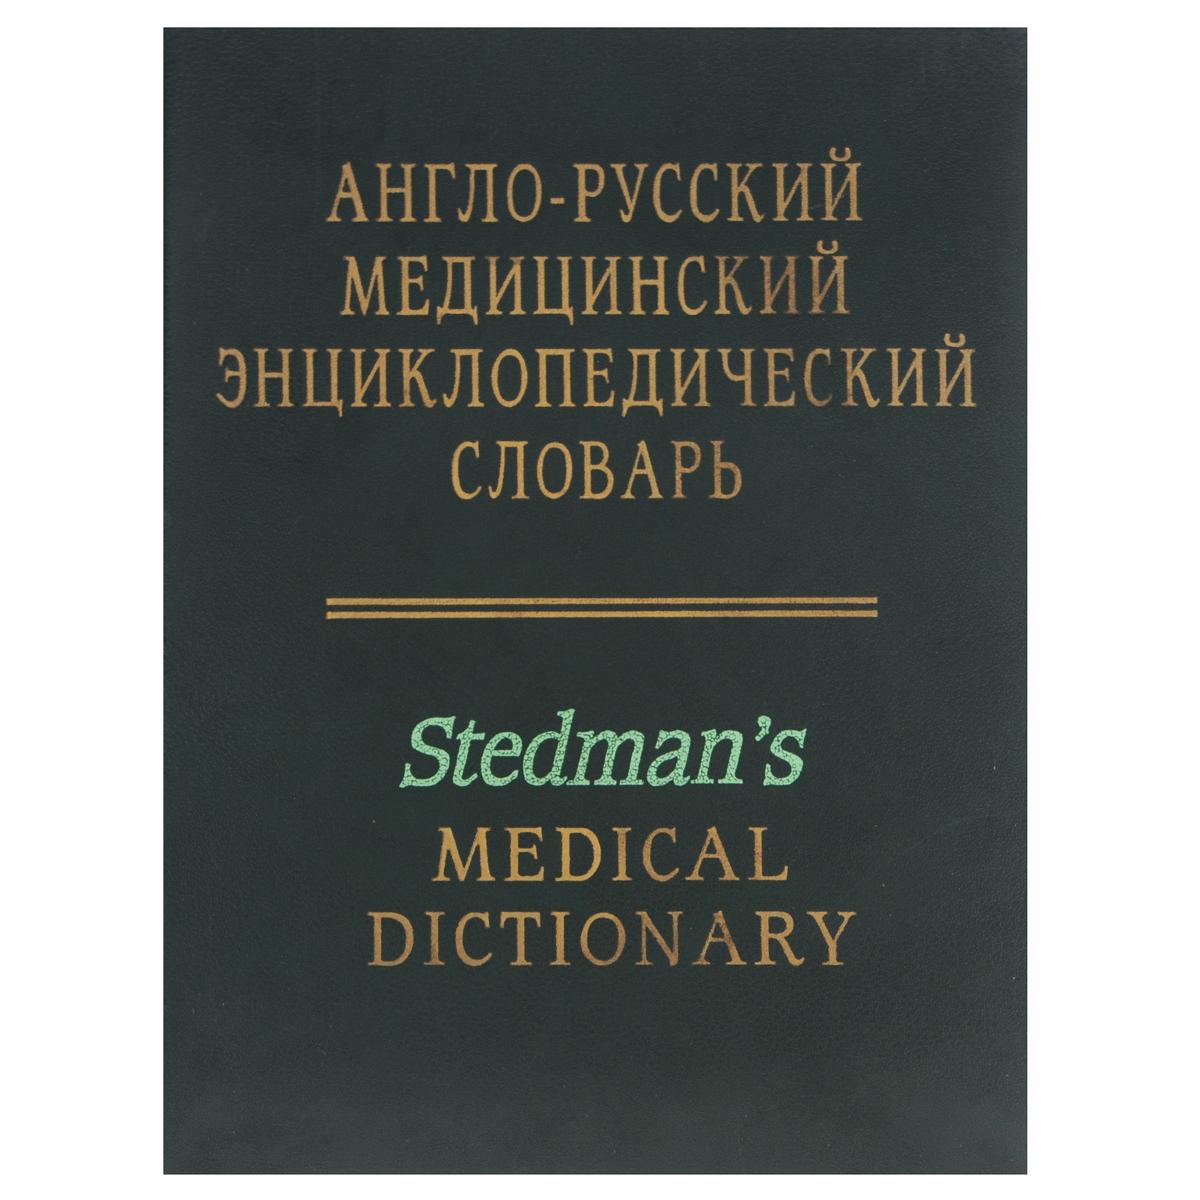 Англо-русский медицинский энциклопедический словарь / Stedman's Medical Dictionary англо русский медицинский словарь